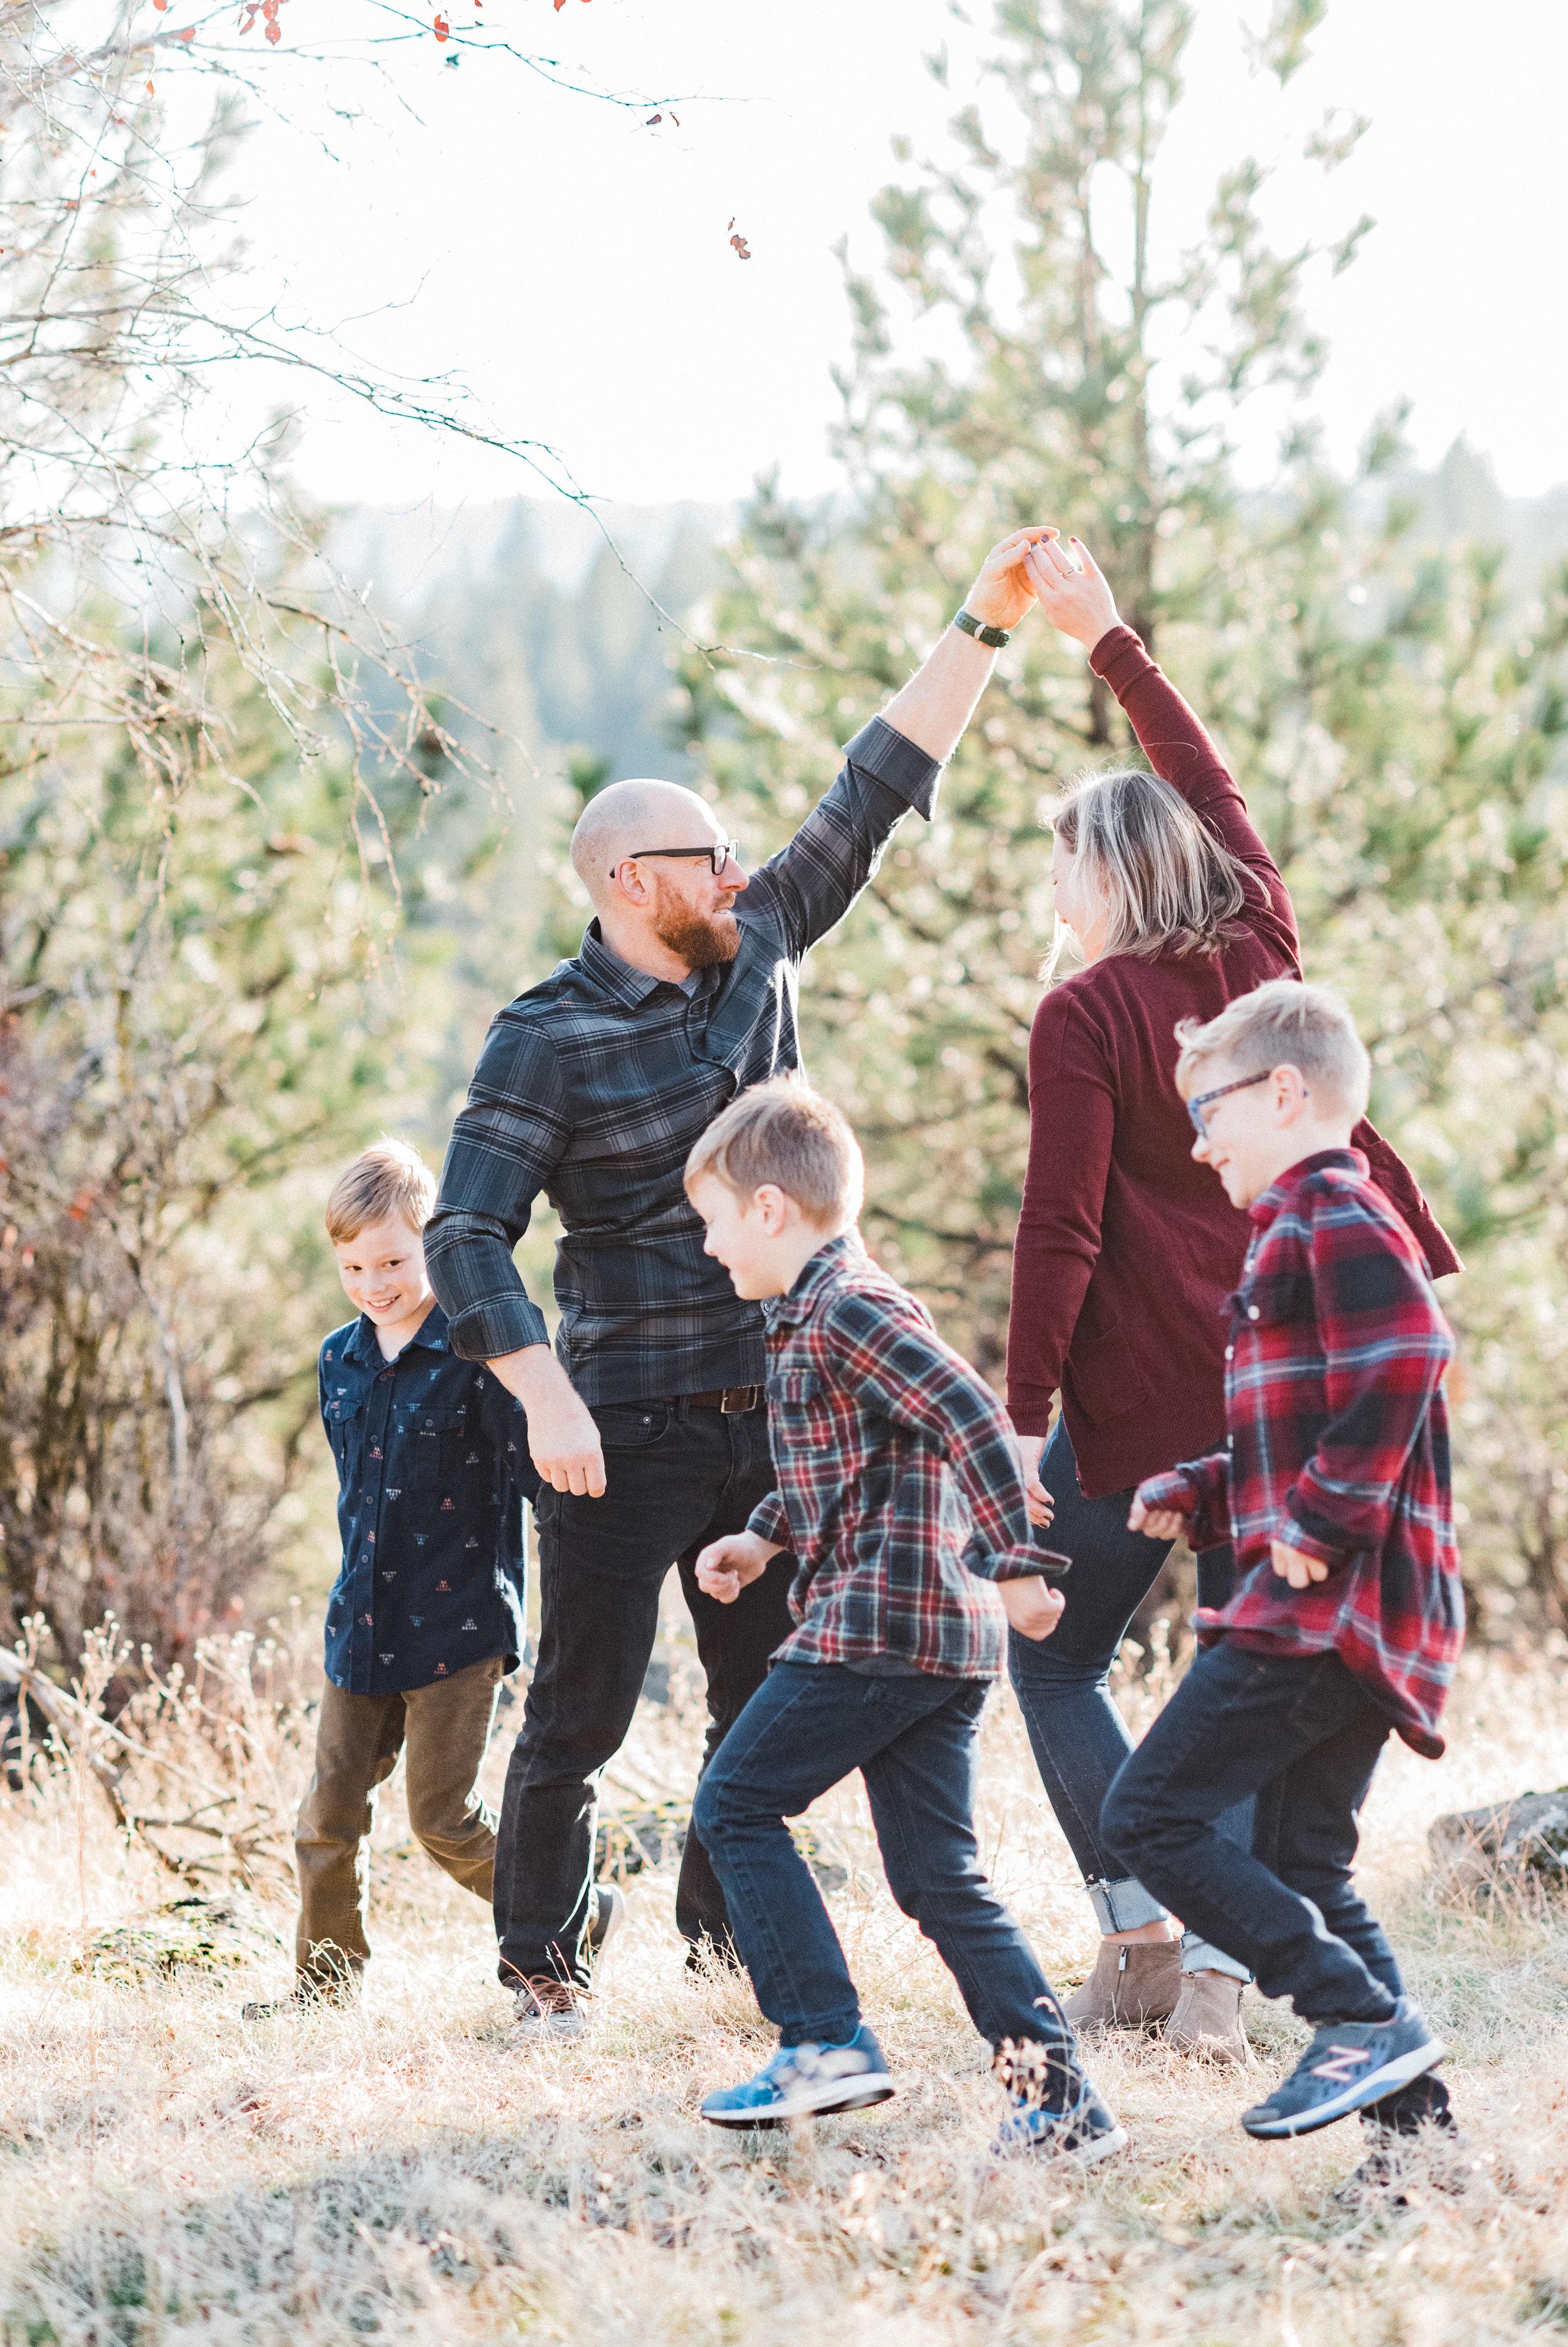 spokane_family_photographer_longmeier (9 of 19).jpg